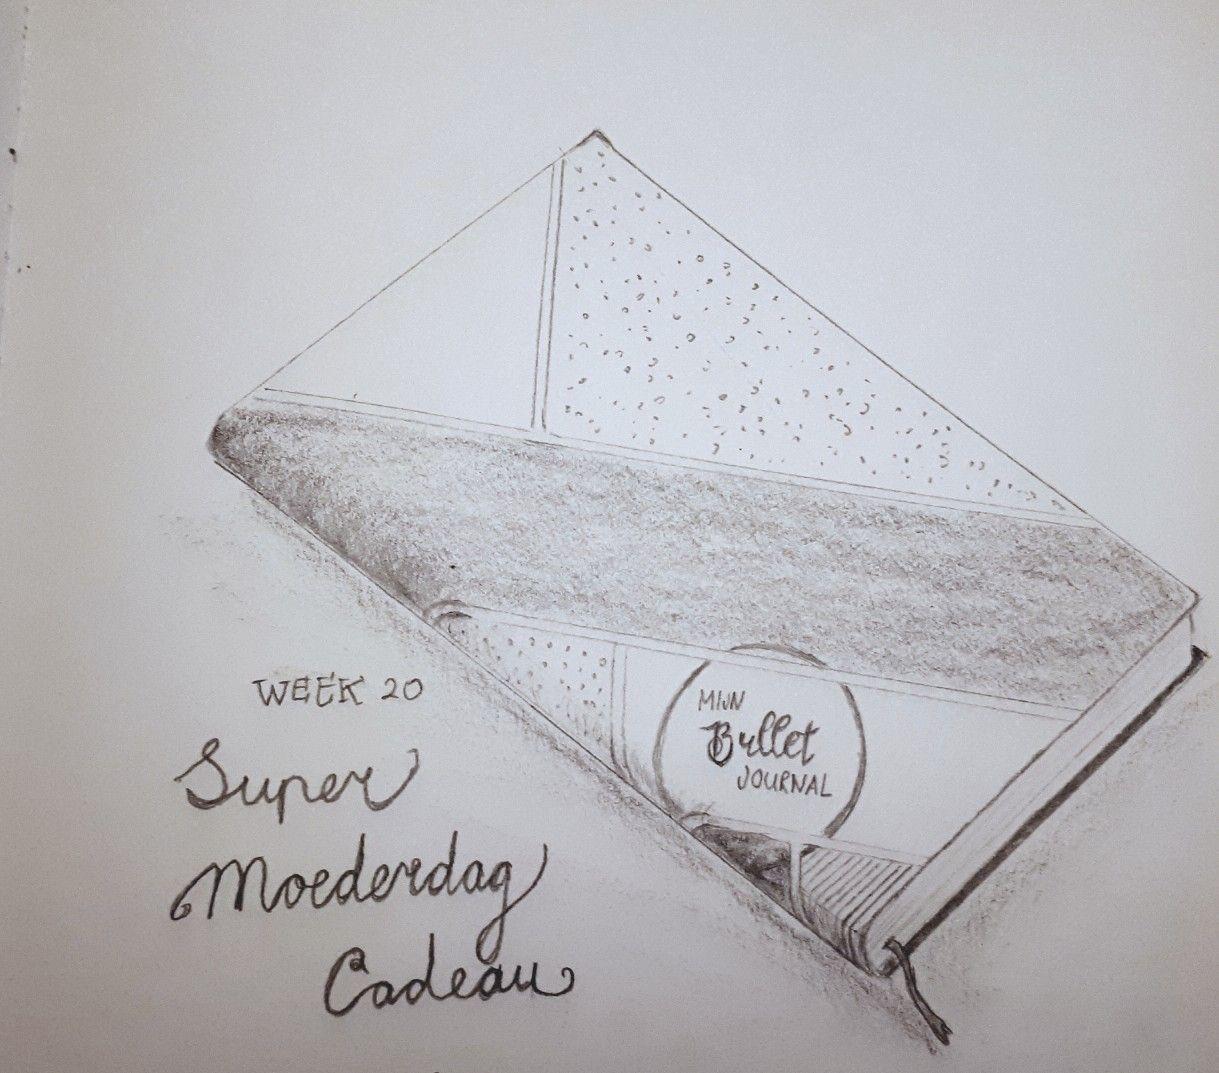 Week 20 Super Moederdag Cadeau Moederdag Potloodtekening